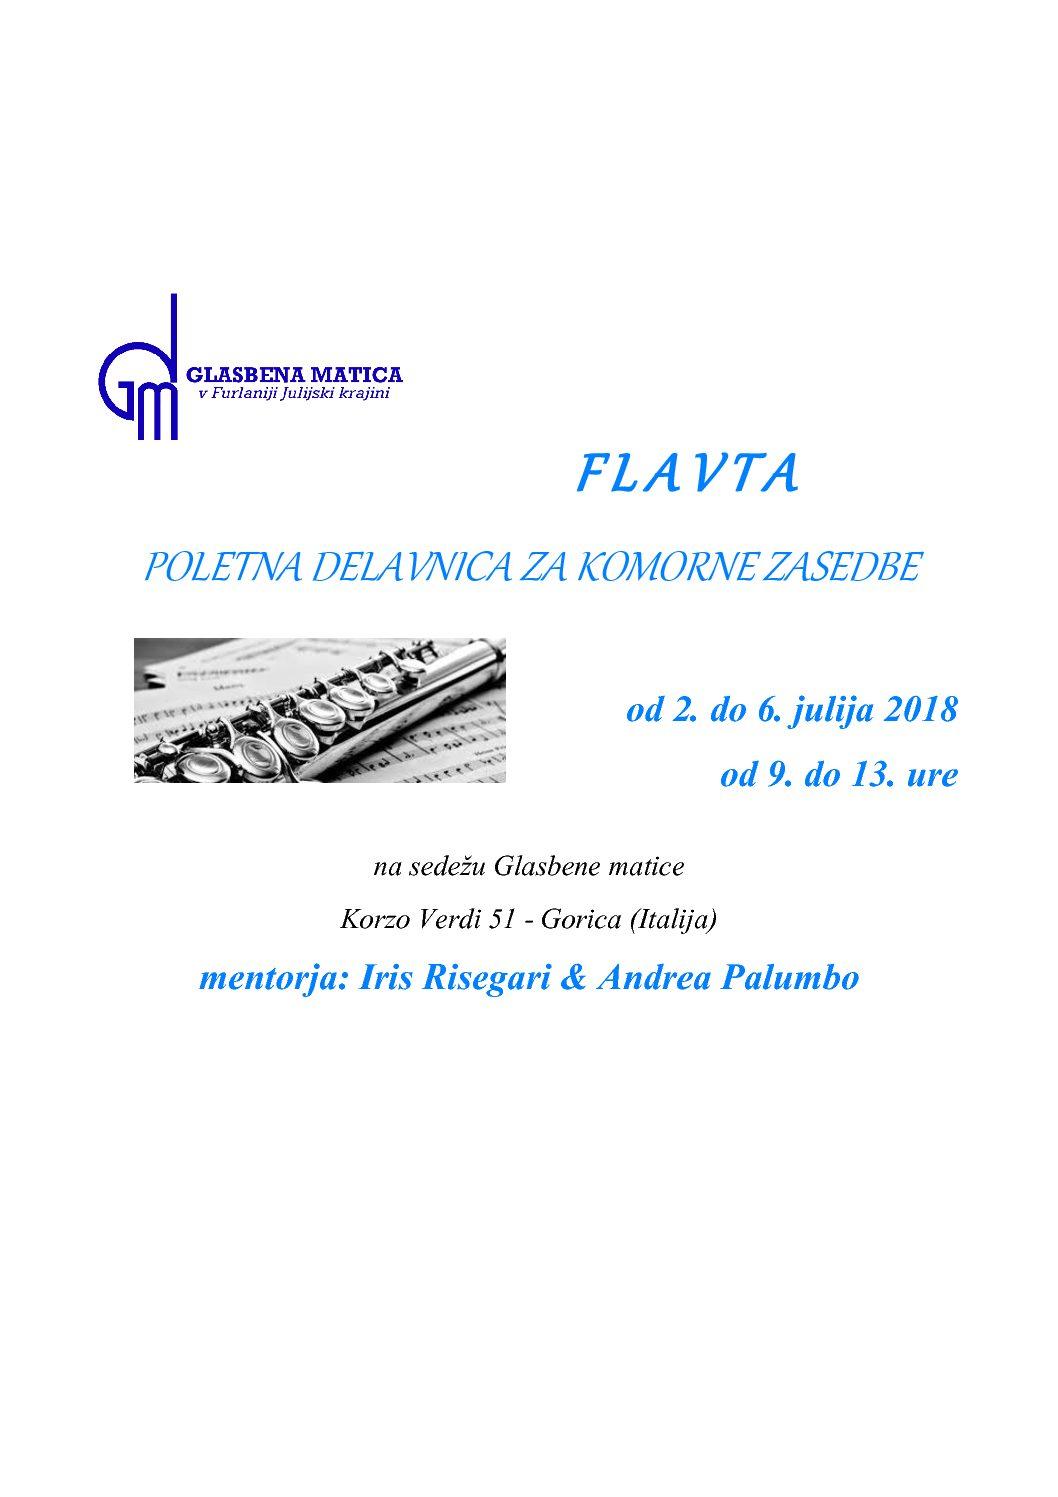 FLAVTA – POLETNA DELAVNICA ZA KOMORNE ZASEDBE  2.-6.7.2018